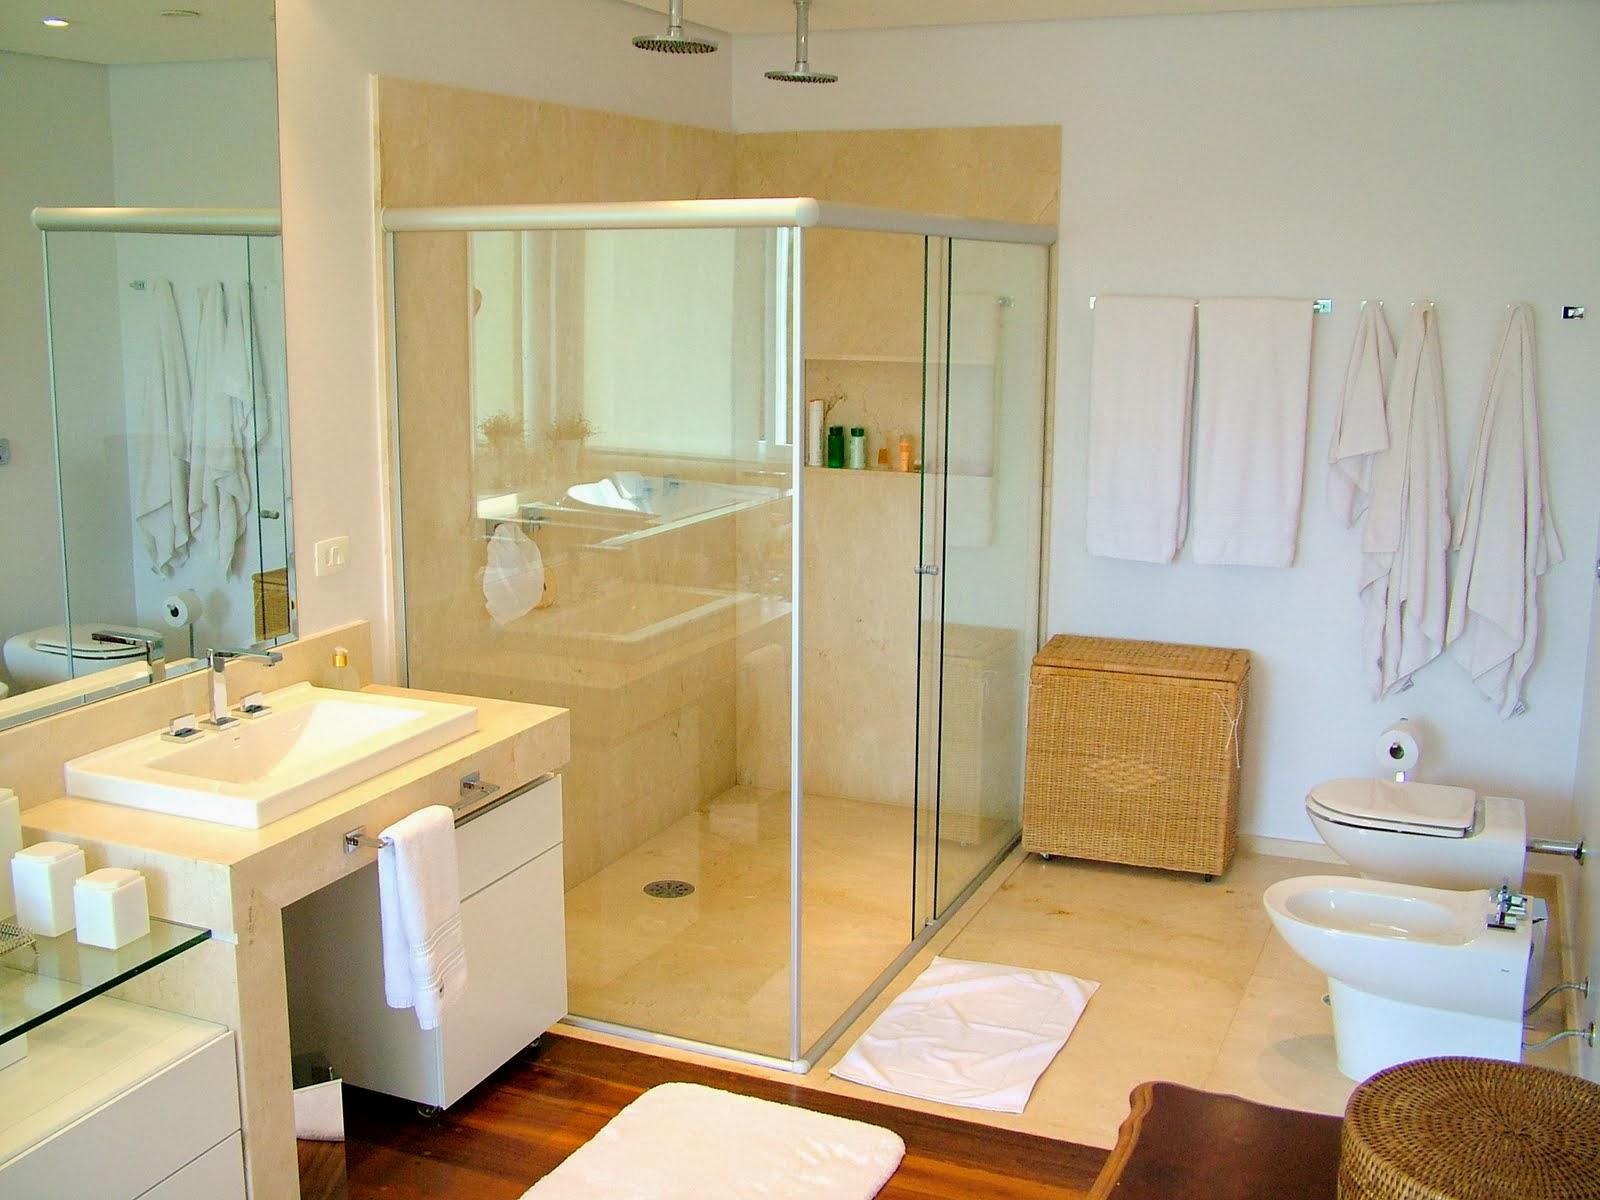 gostaram do post como anda a decoração do banheiro de vocês #703D18 1600 1200